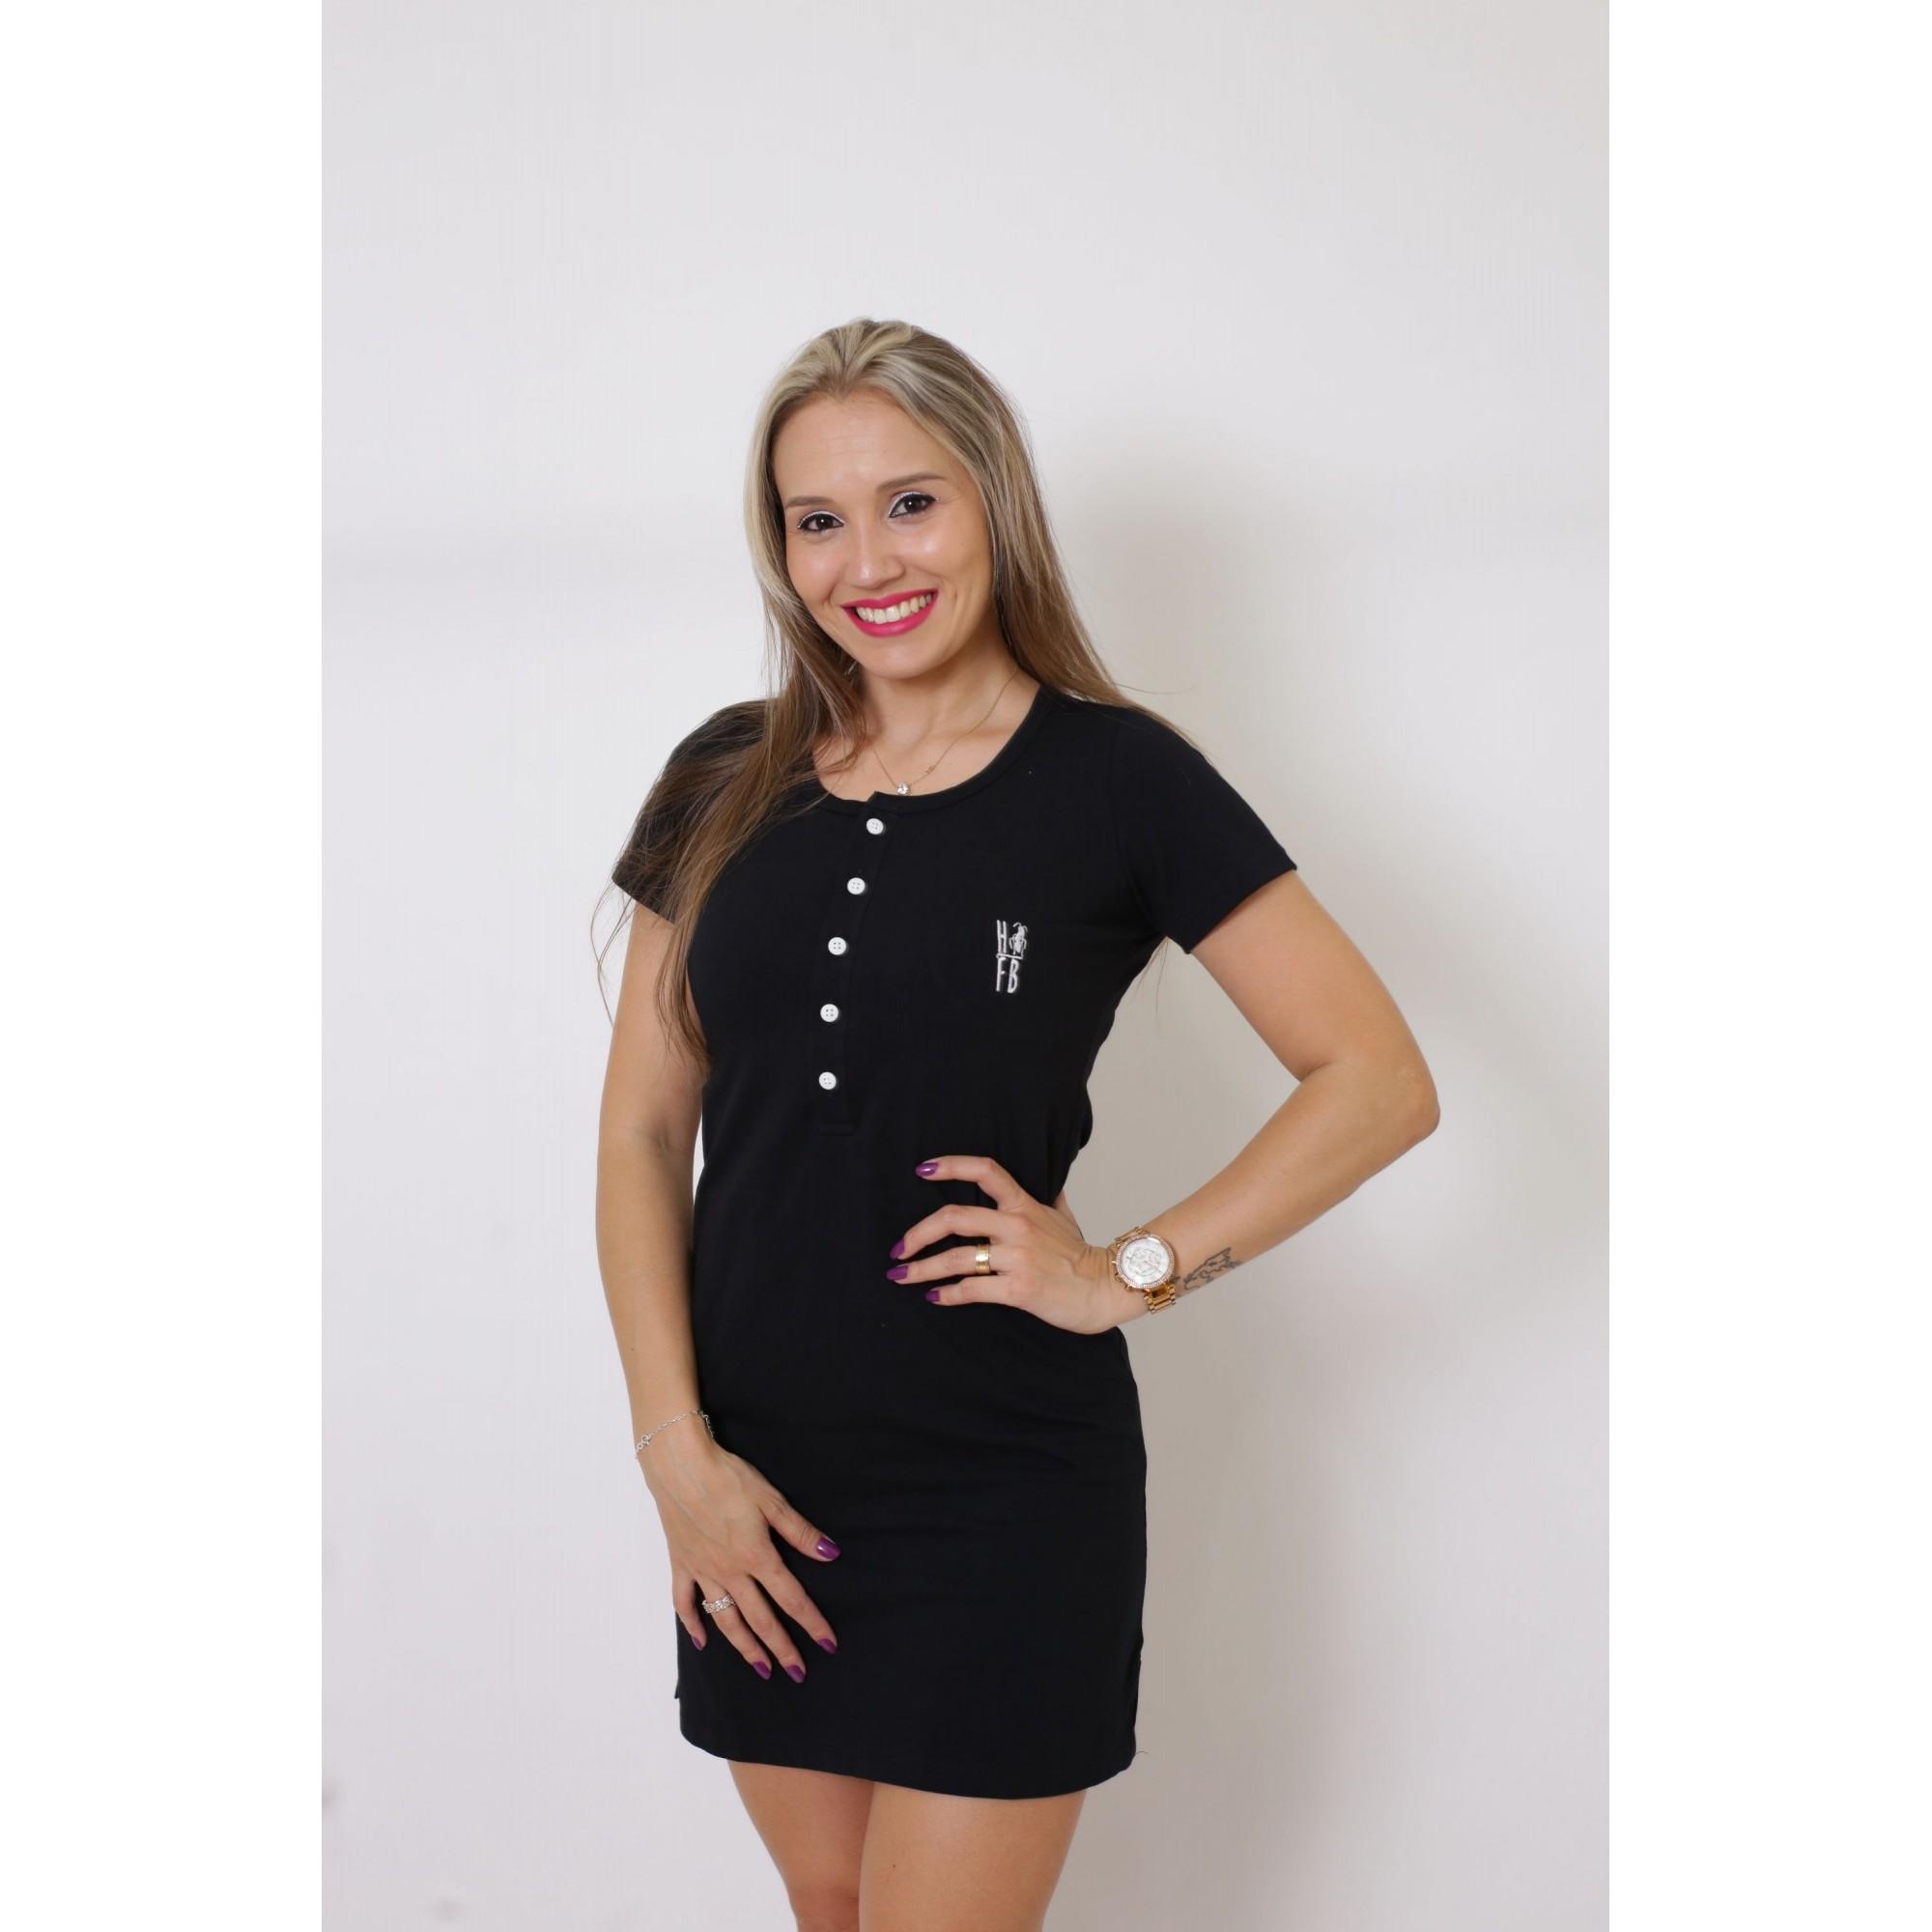 NAMORADOS > Kit 02 Peças - T-Shirt + Vestido - Henley - Preto [Coleção Namorados]  - Heitor Fashion Brazil